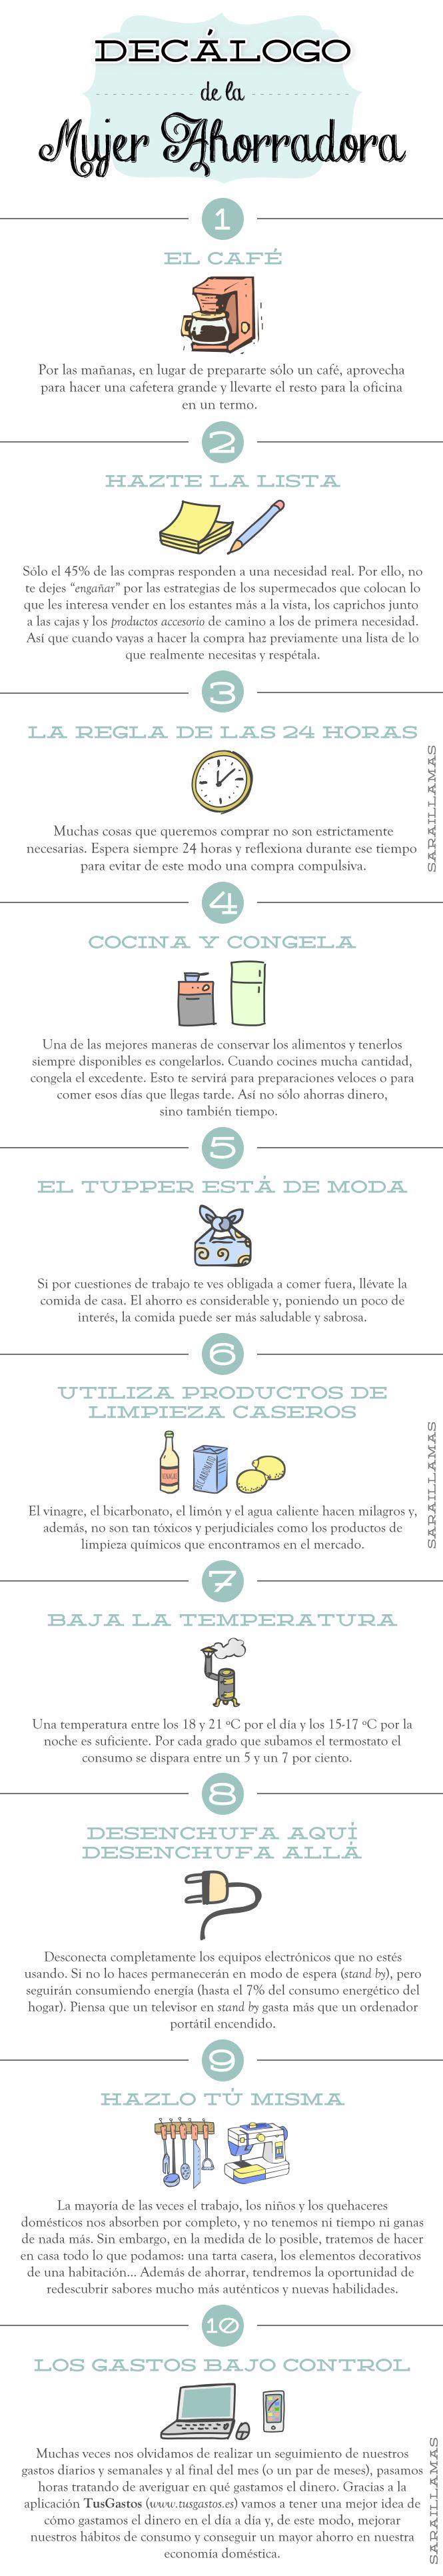 """""""Decálogo de la mujer ahorradora"""" en el Blog de Sarai Llamas"""